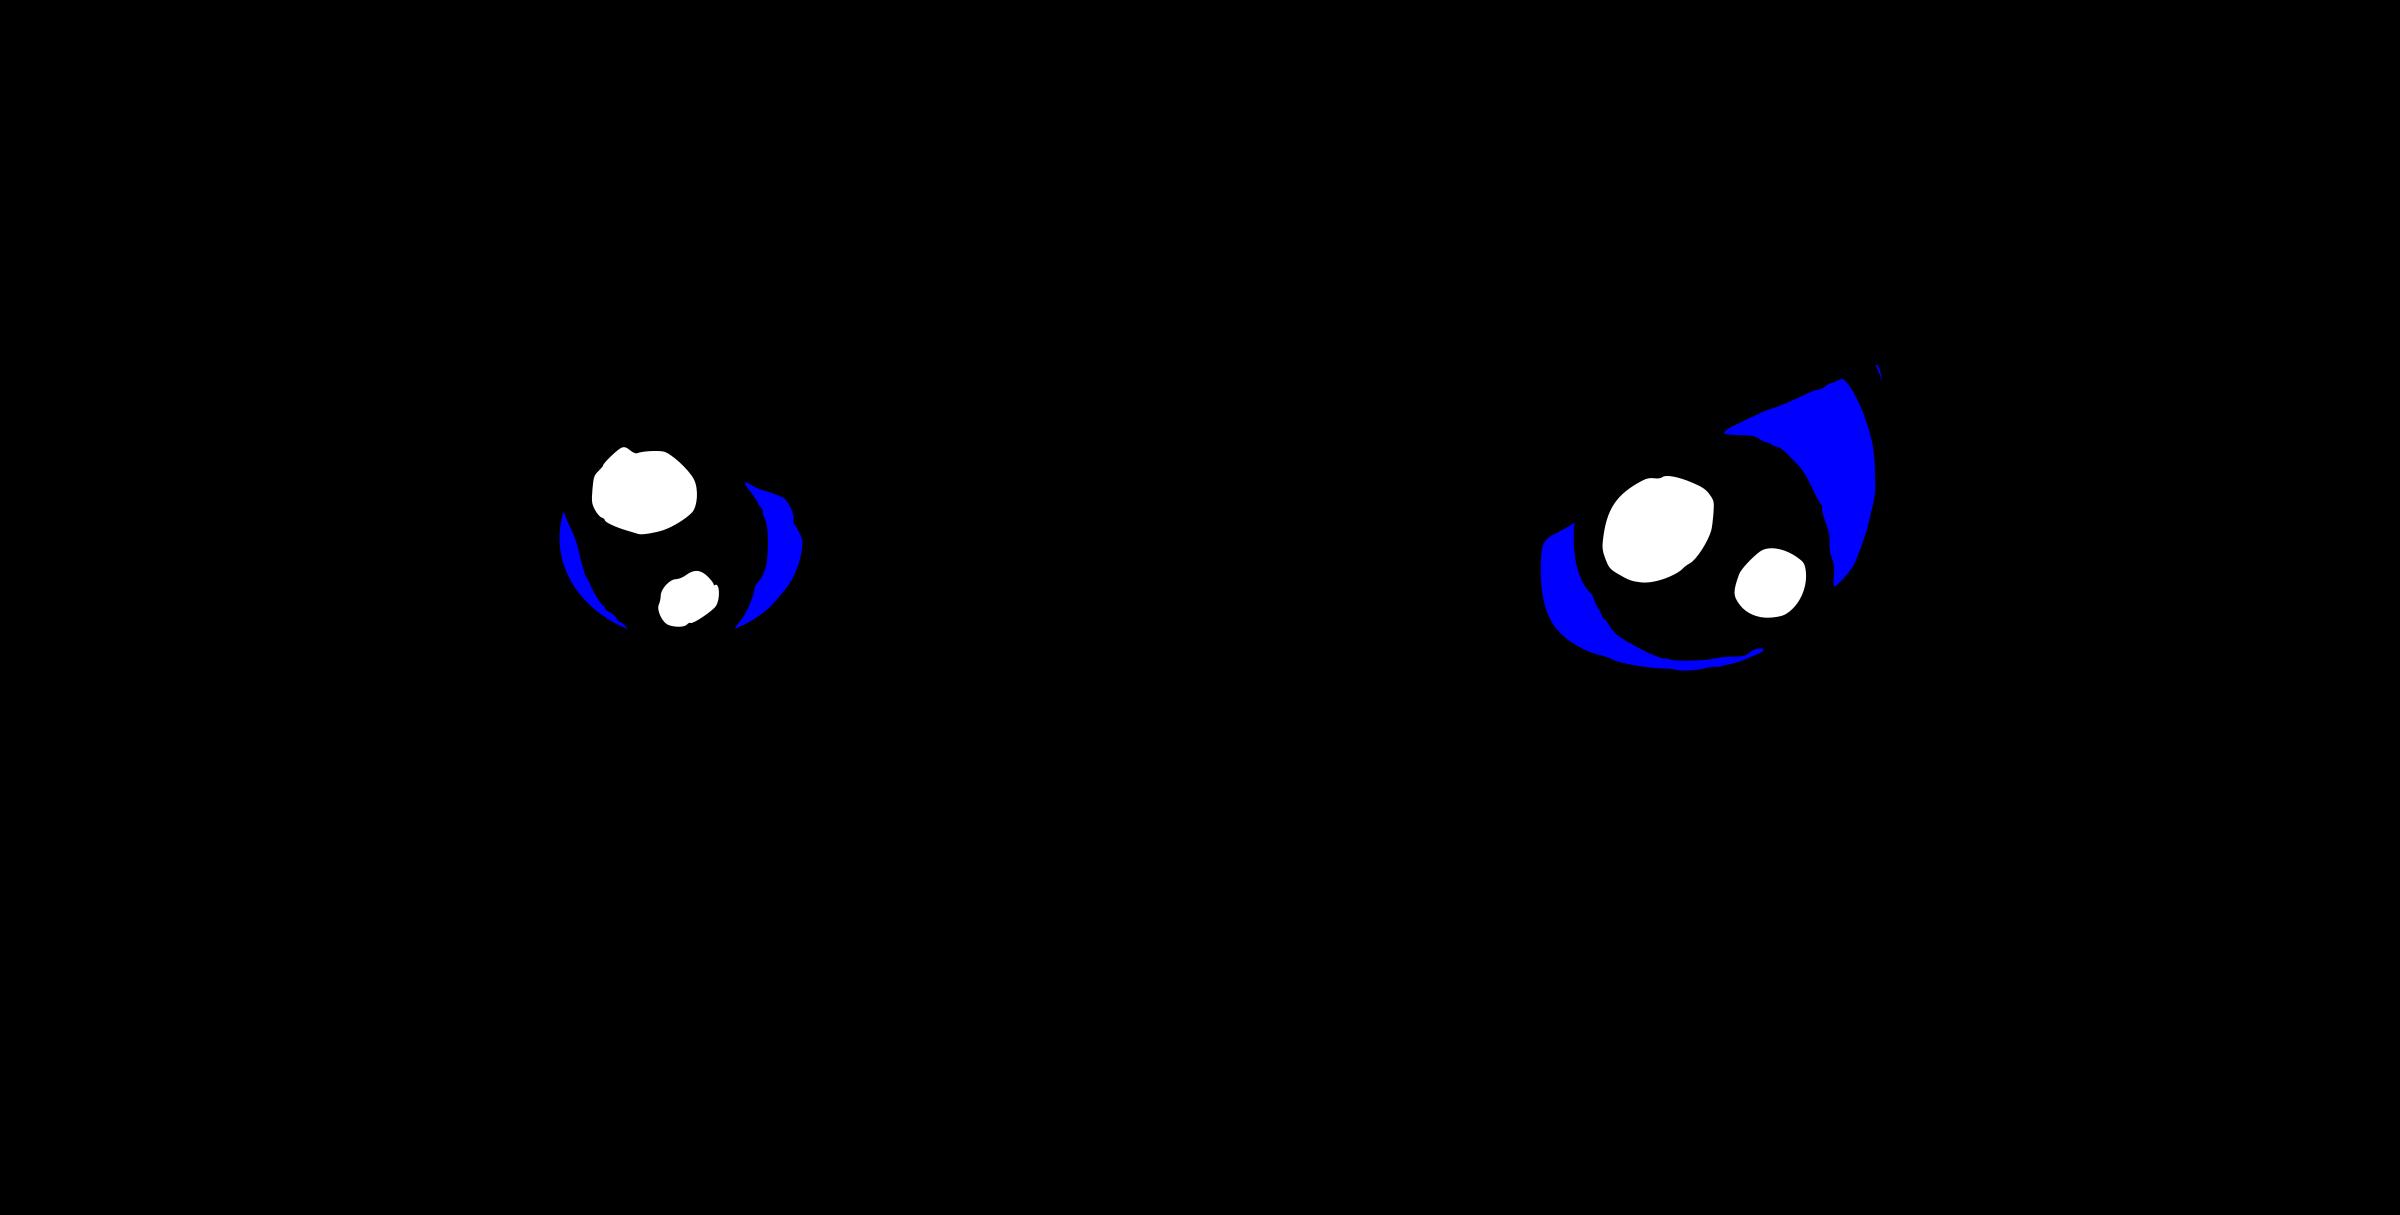 Resultado de imagen para angry eyes clipart.